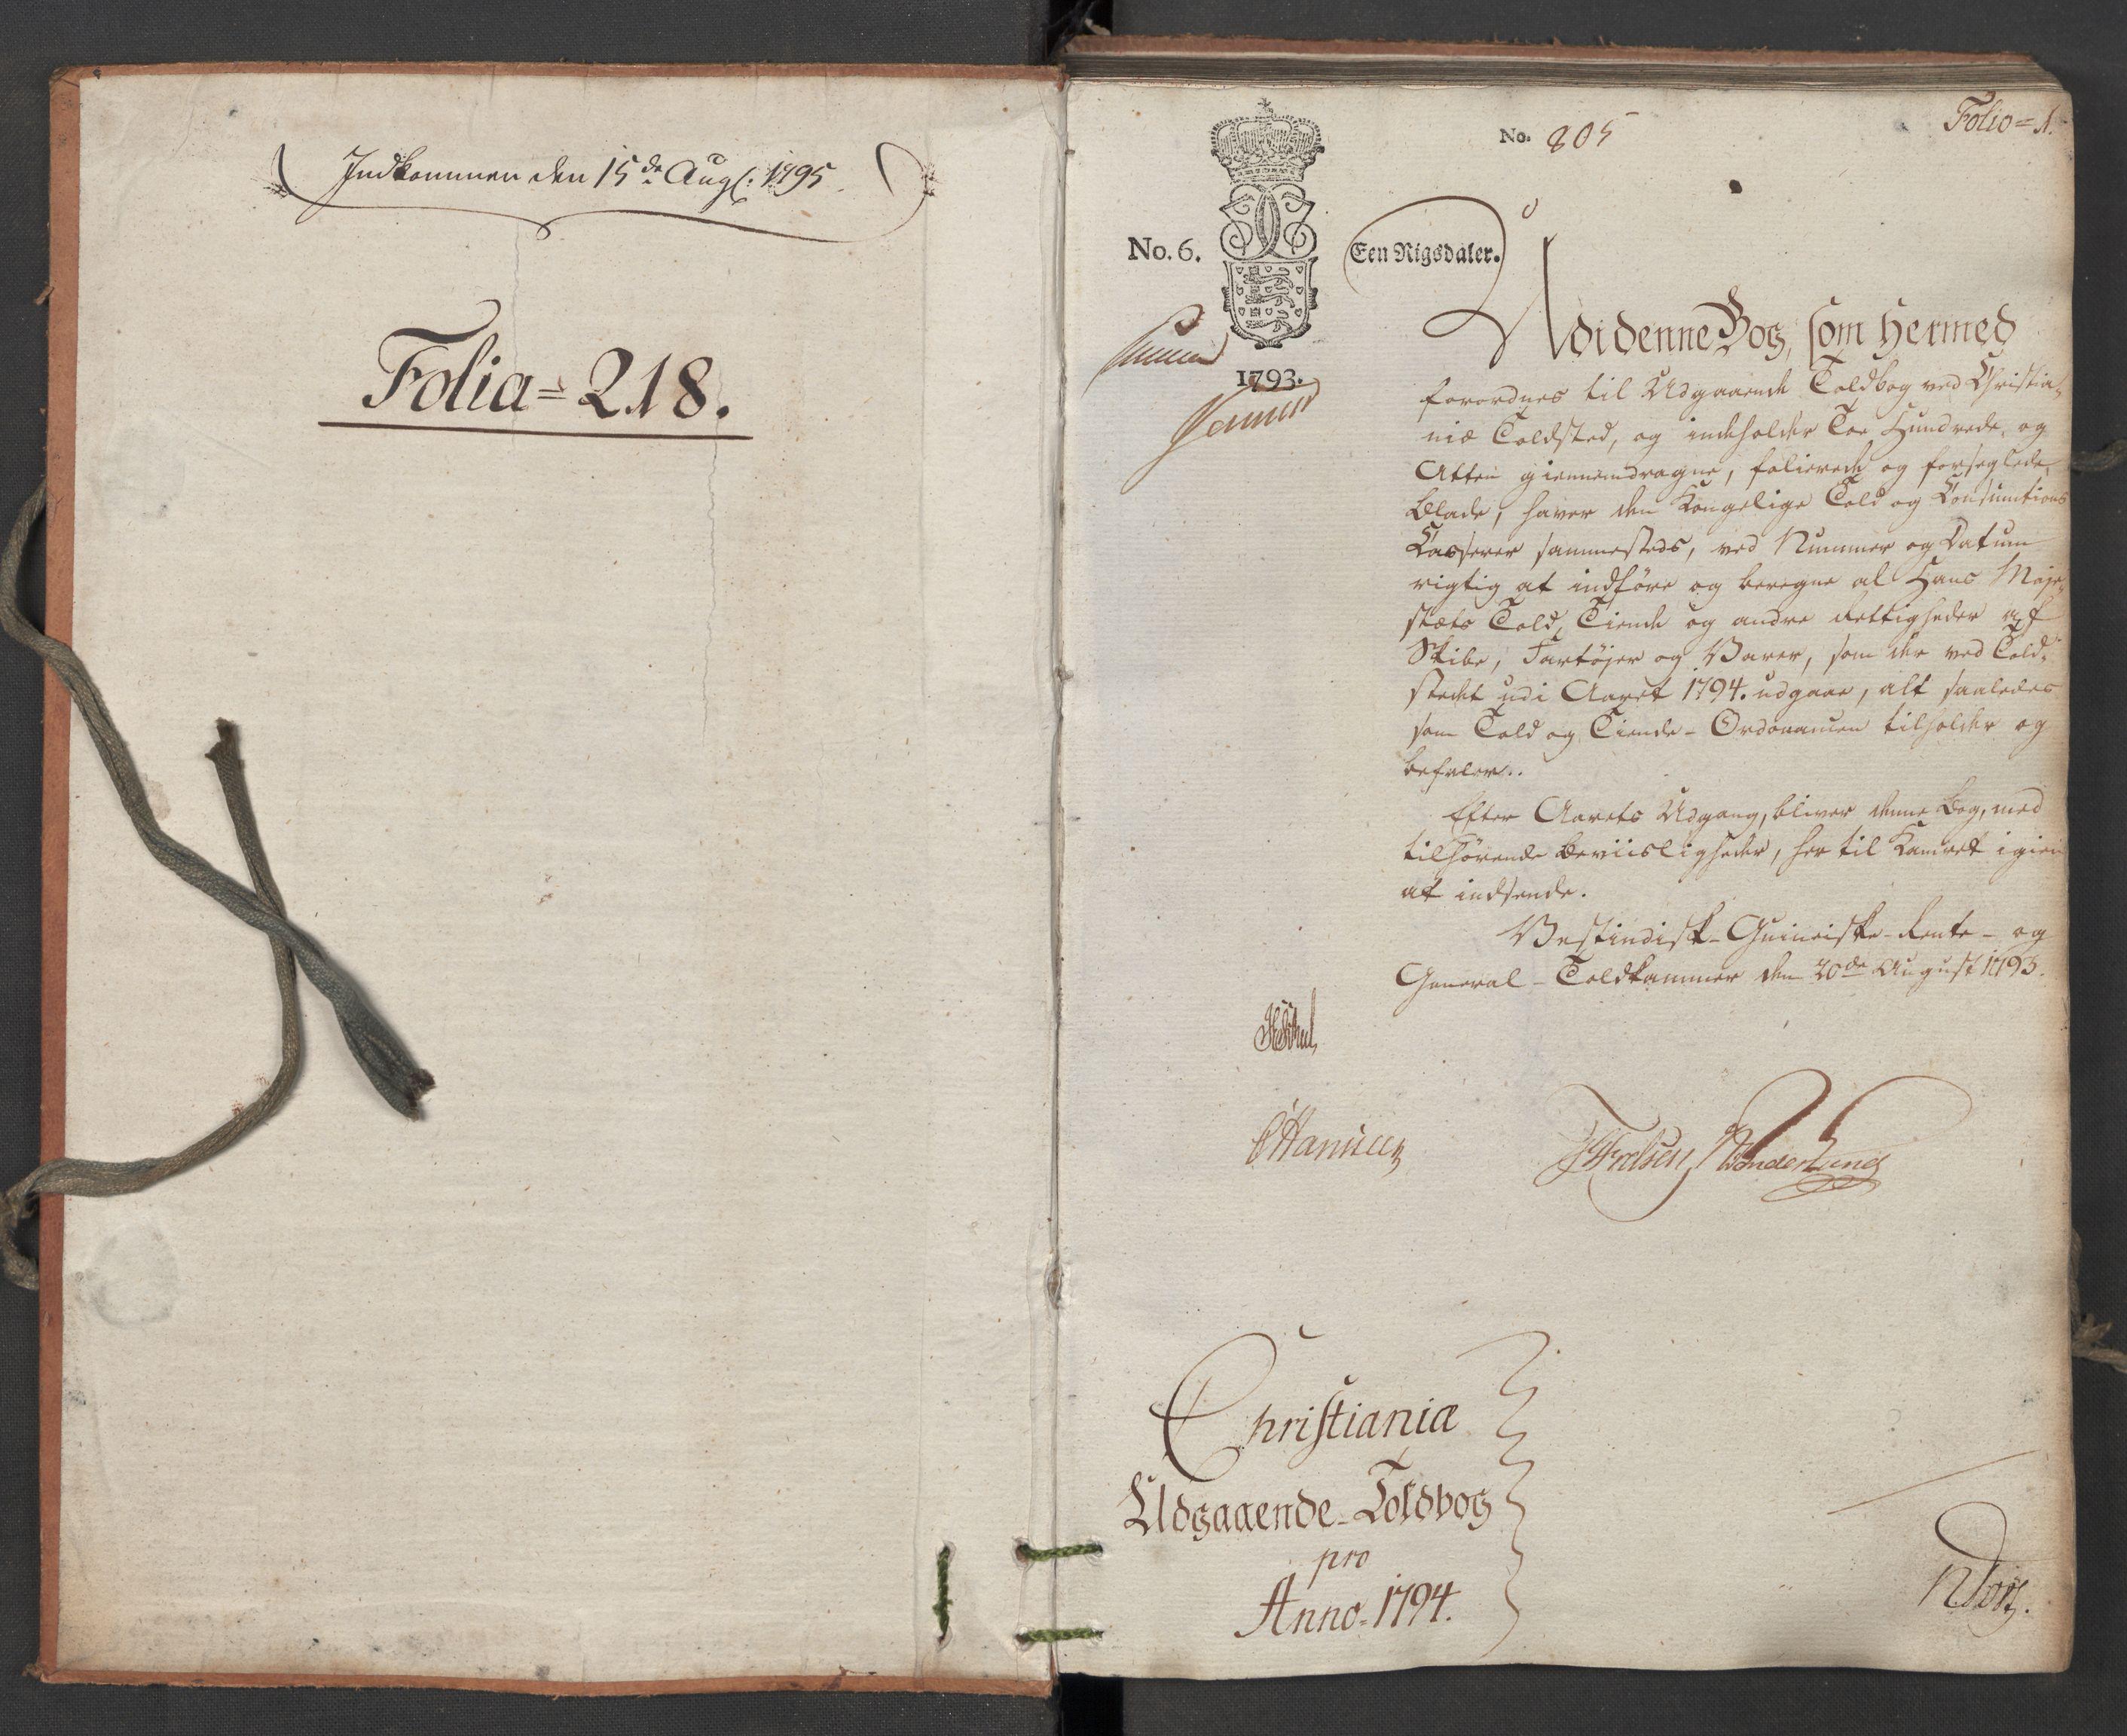 RA, Generaltollkammeret, tollregnskaper, R06/L0196: Tollregnskaper Kristiania, 1794